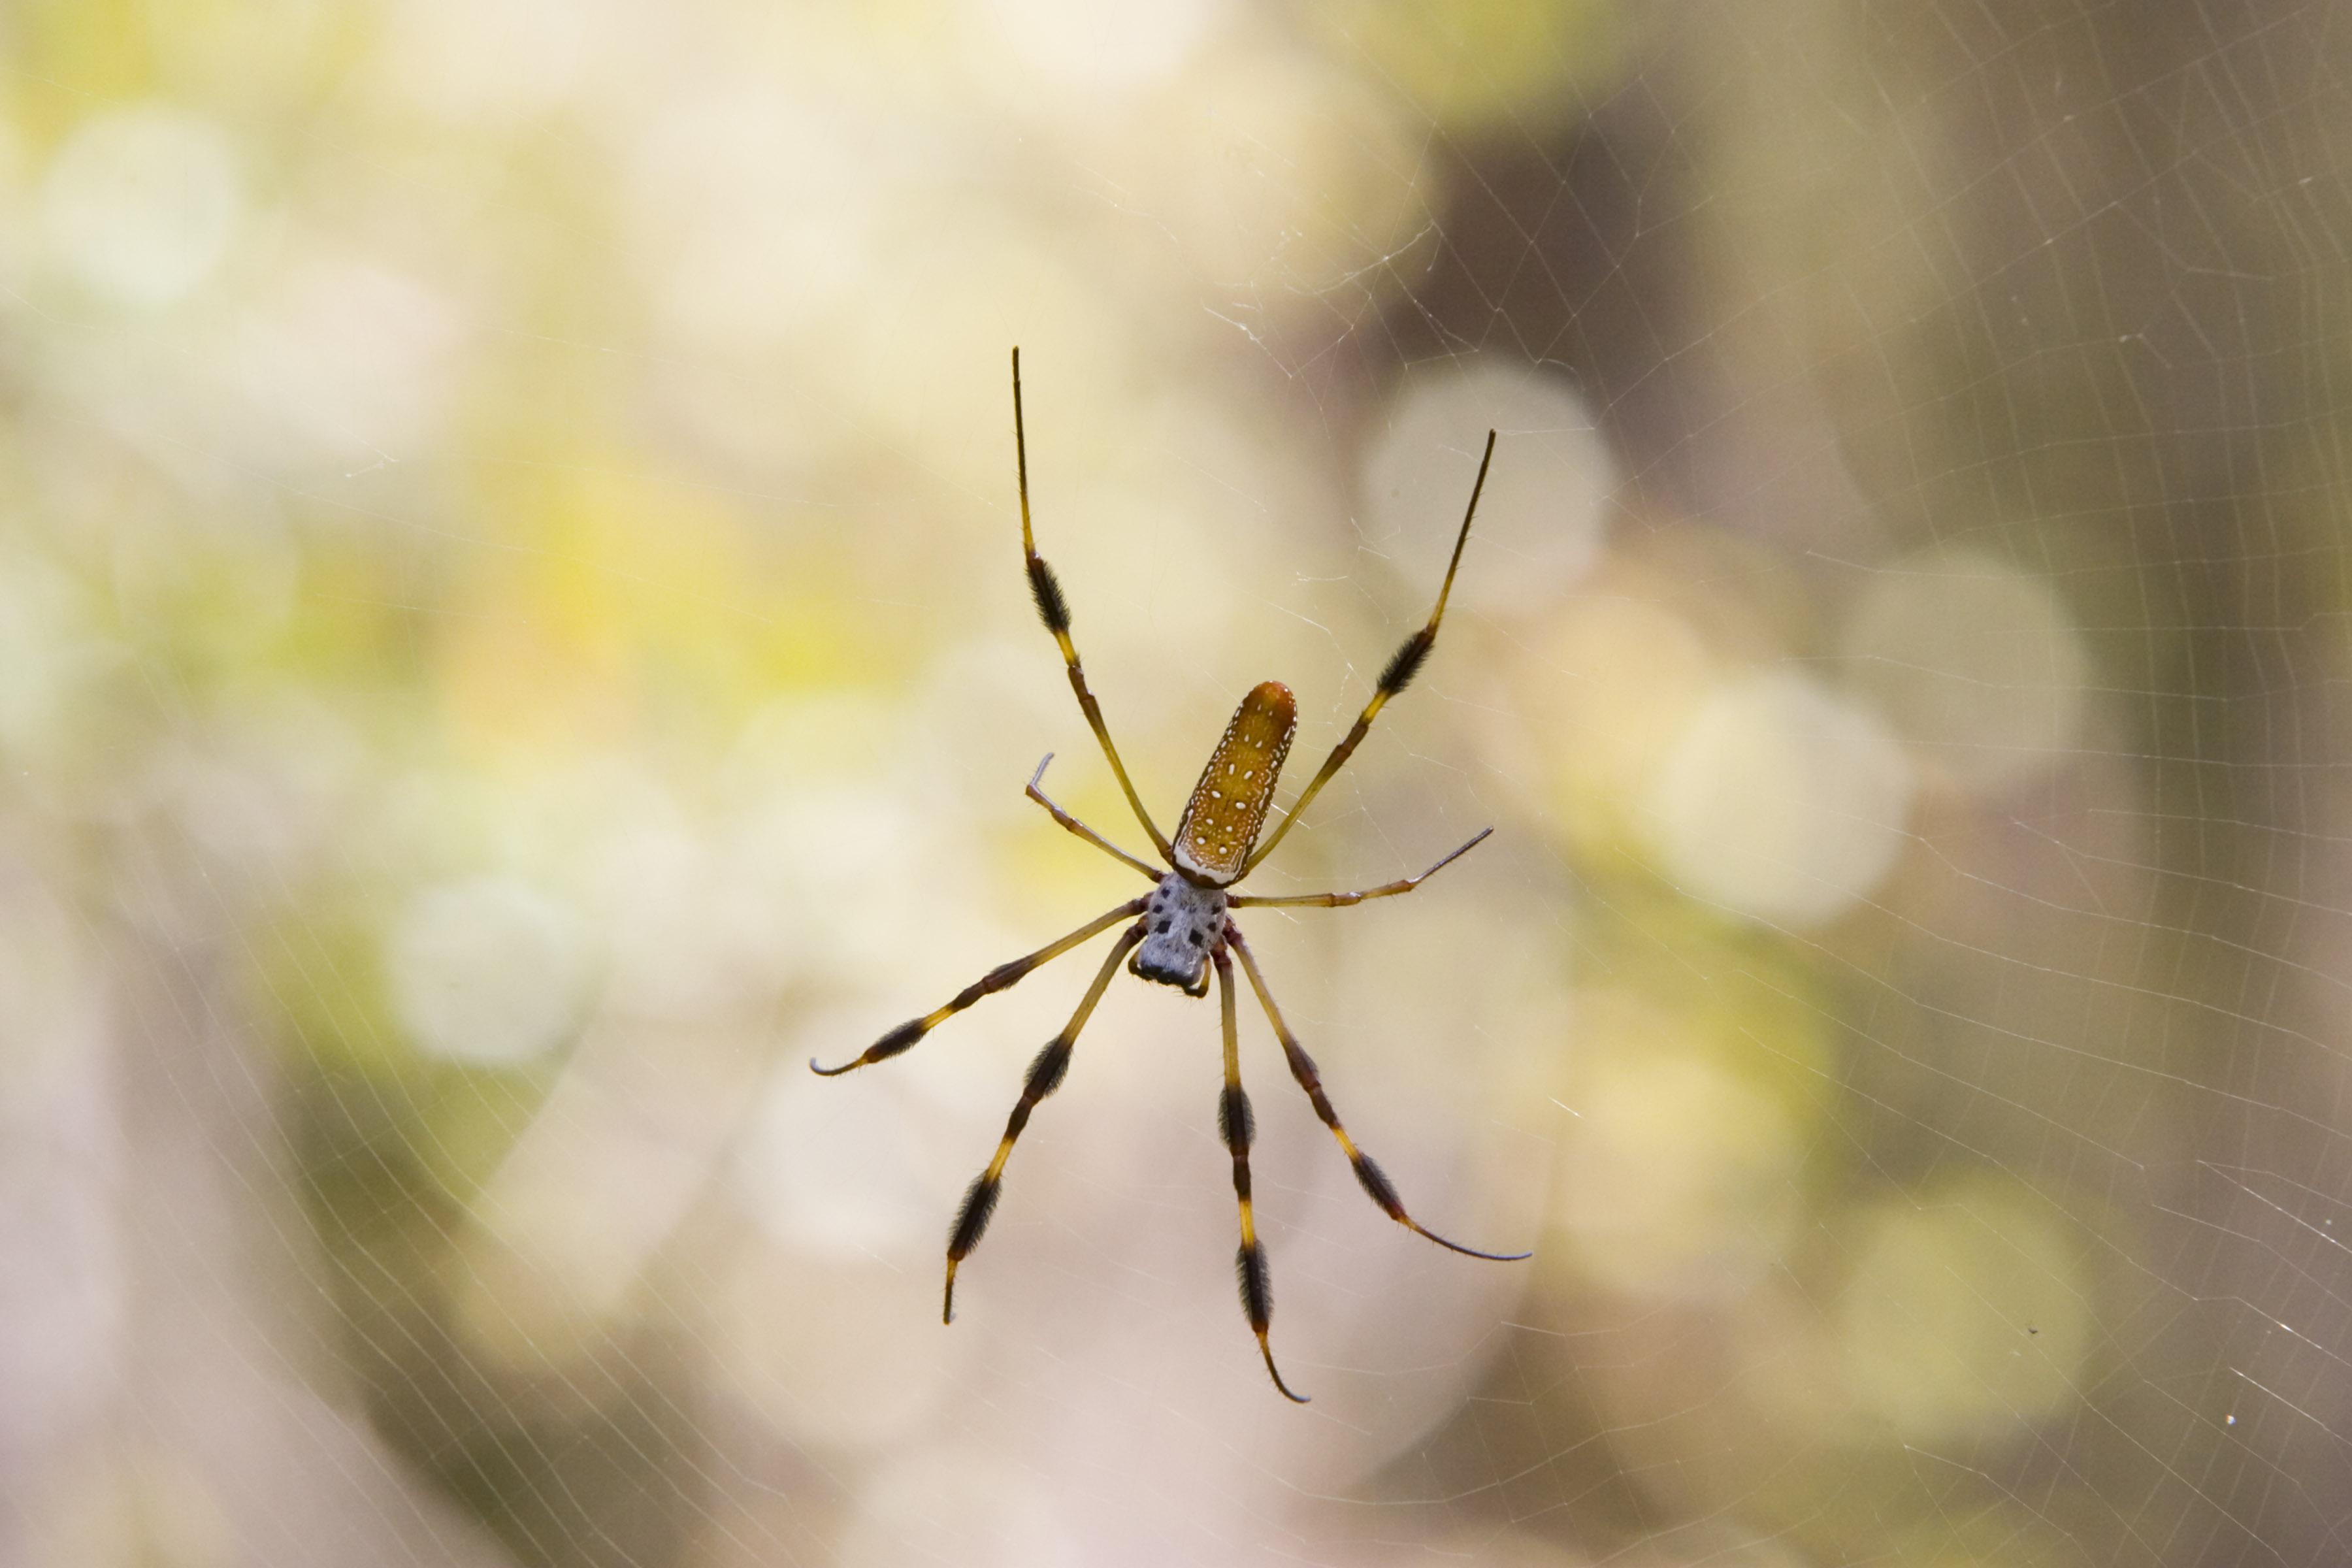 Golden Silk Spider on Her Web